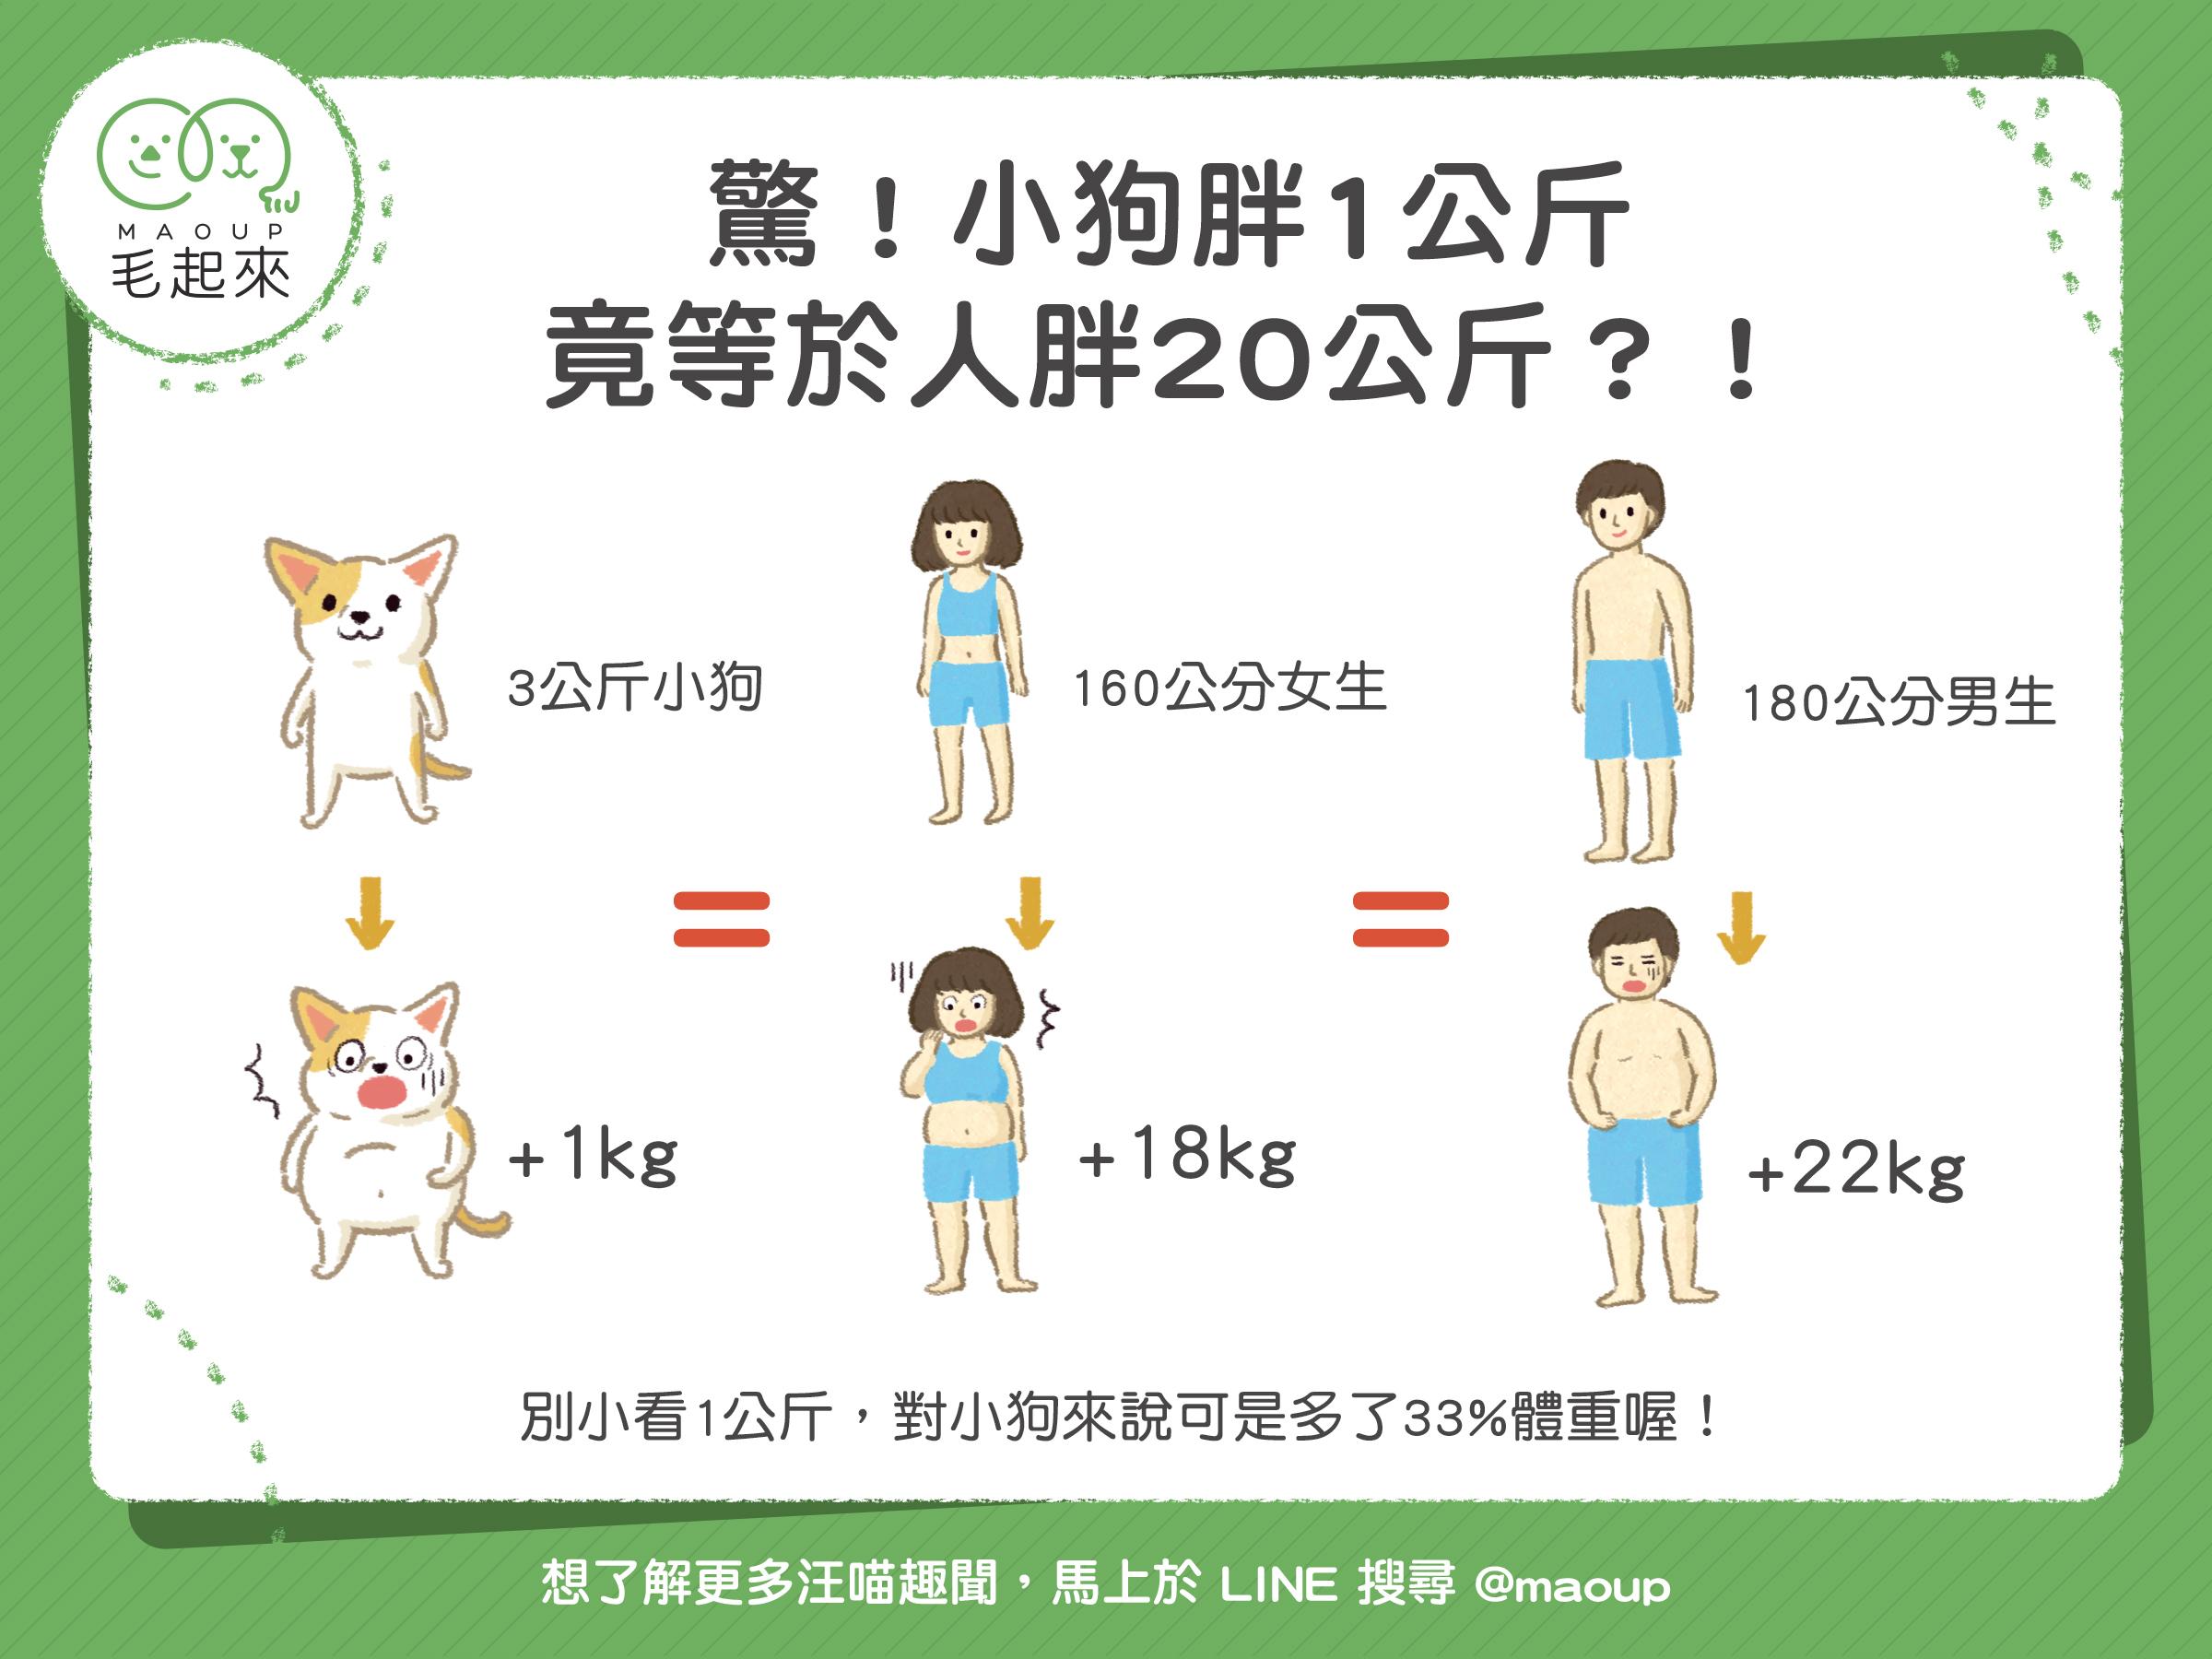 【汪汪康健】驚!小狗胖1公斤,竟等於人胖20公斤?!